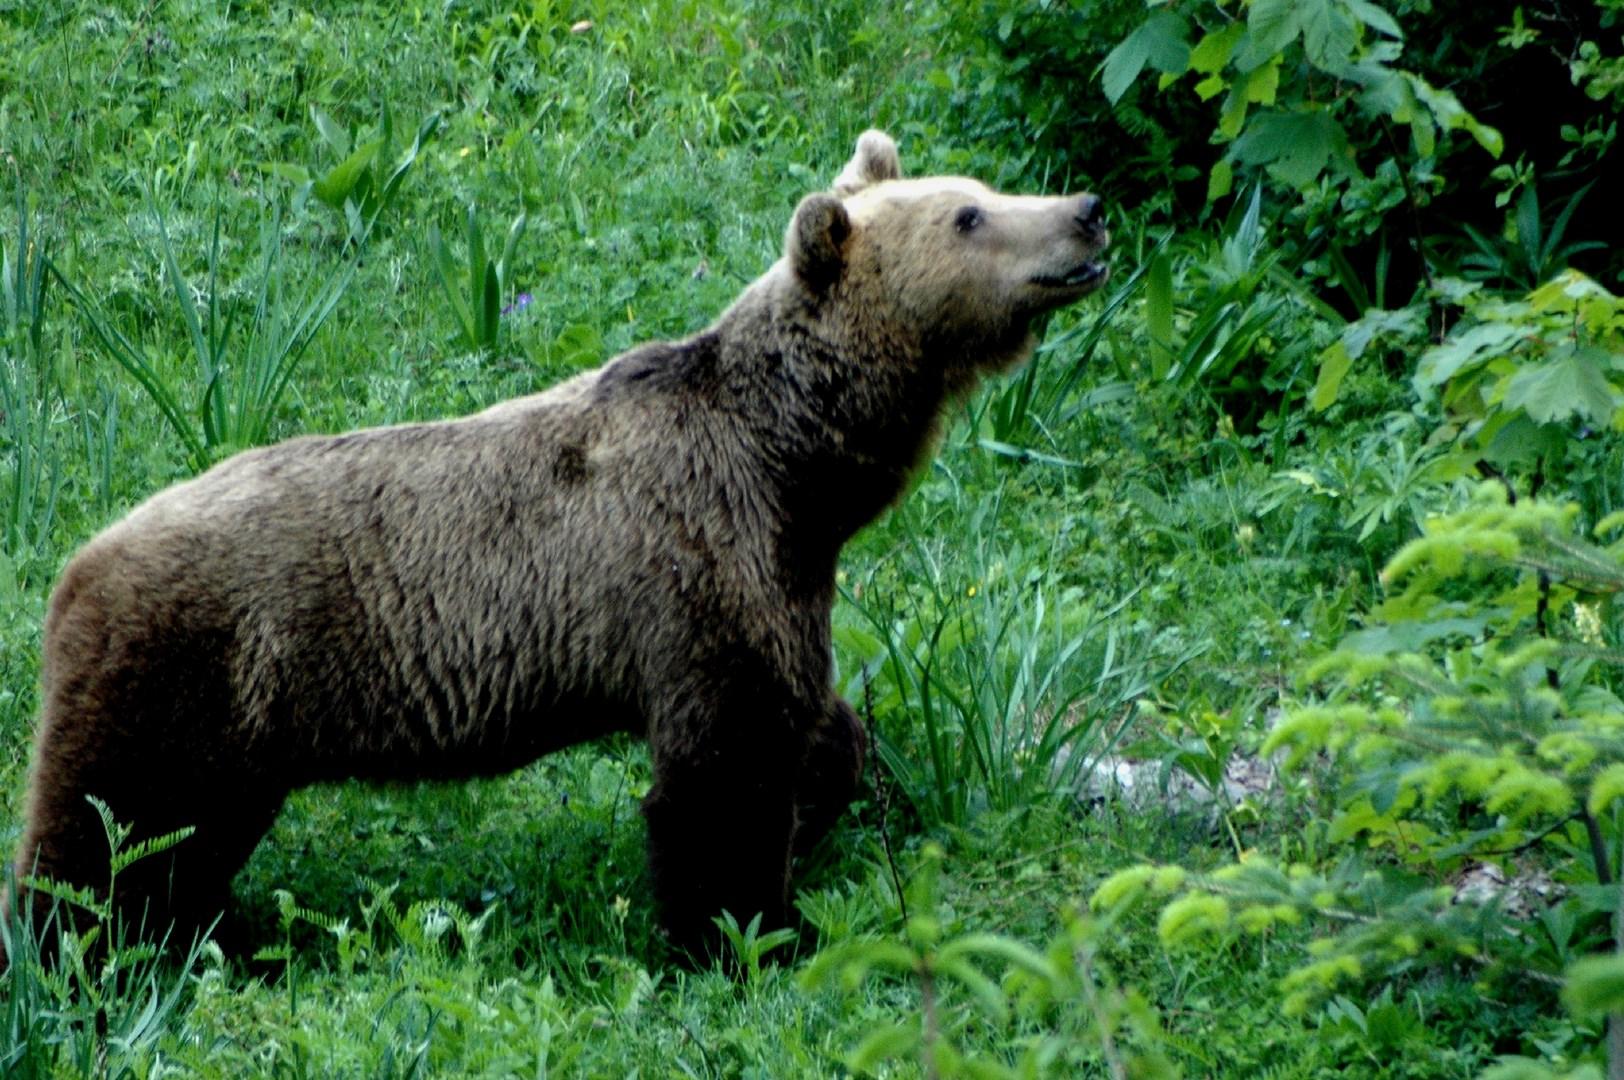 Καφέ αρκούδα στην χαράδρα του Αώου Βαλκανικό αγριόγιδο (Rupicapra rupicapra) Βαλκανικό αγριόγιδο (Rupicapra rupicapra balcanica) στις κορυφές της Τύμφης Orchis simia Cyclamen automnalis Bombus sp.